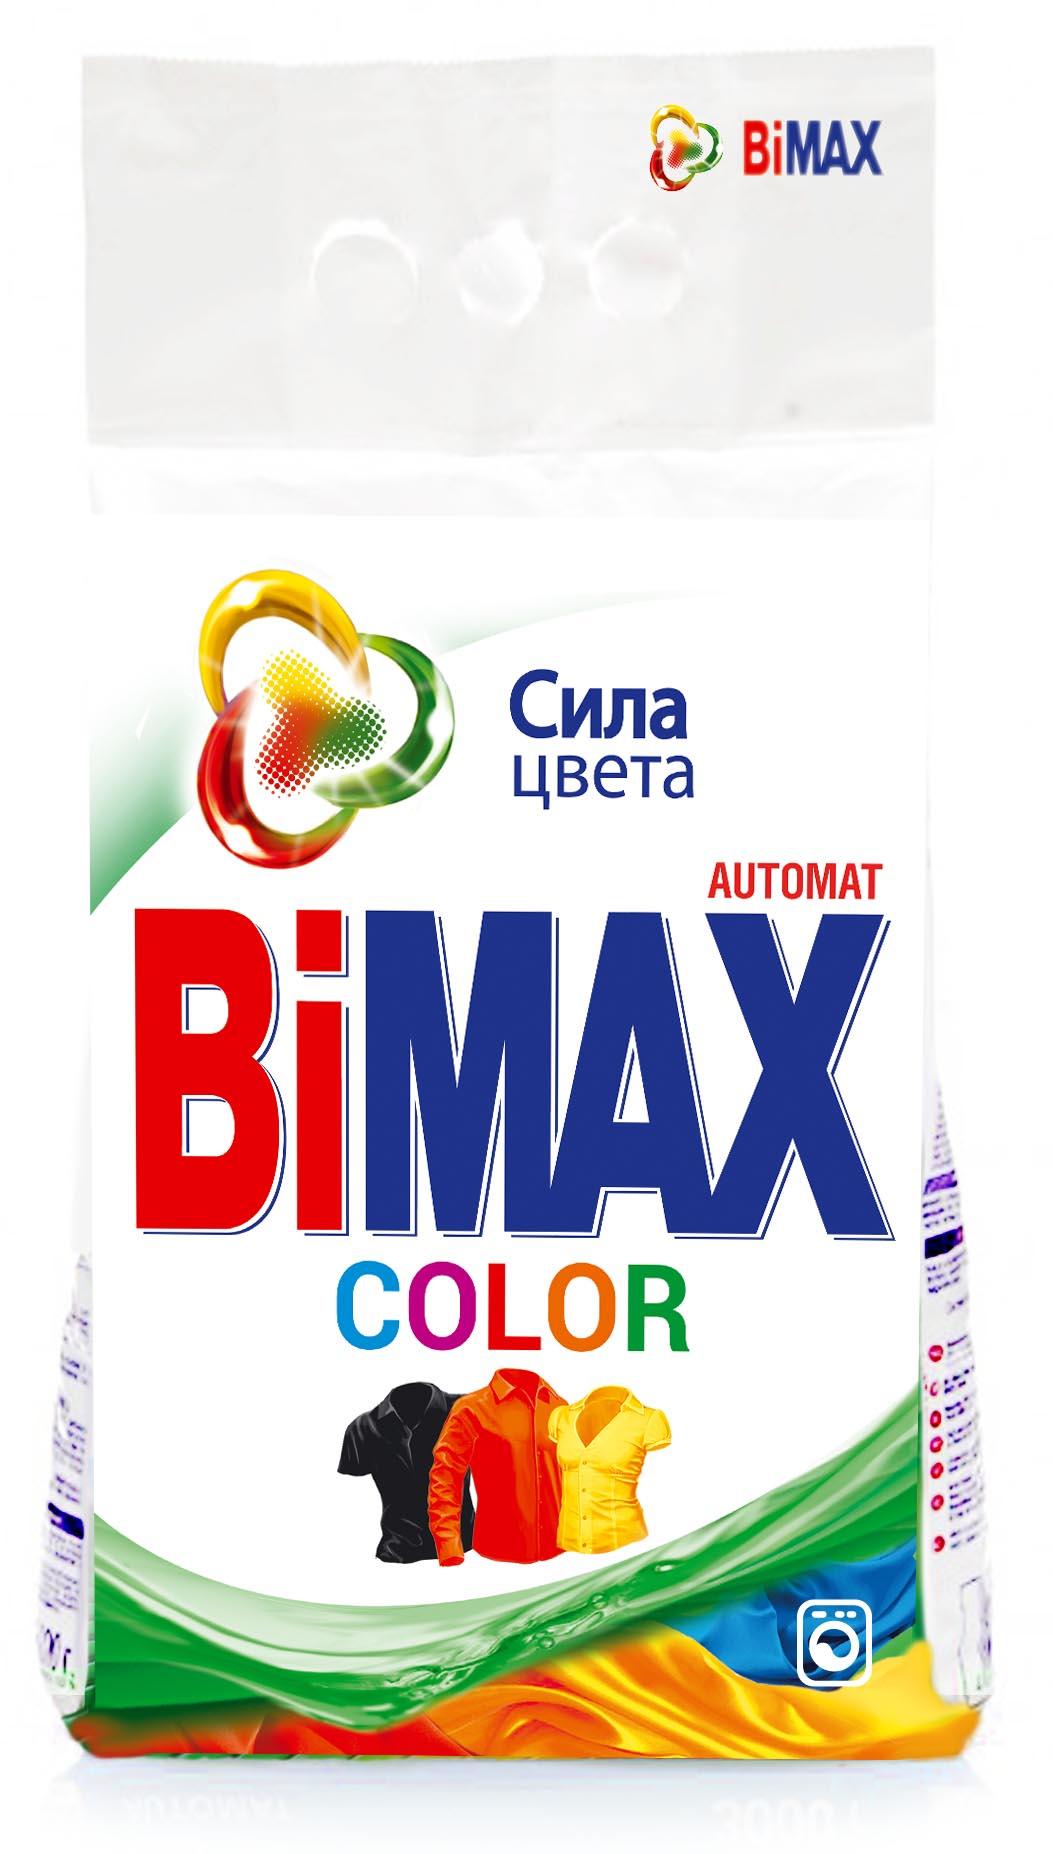 Стиральный порошок BiMax Color, 6 кг стиральный порошок bimax color 1 5 кг